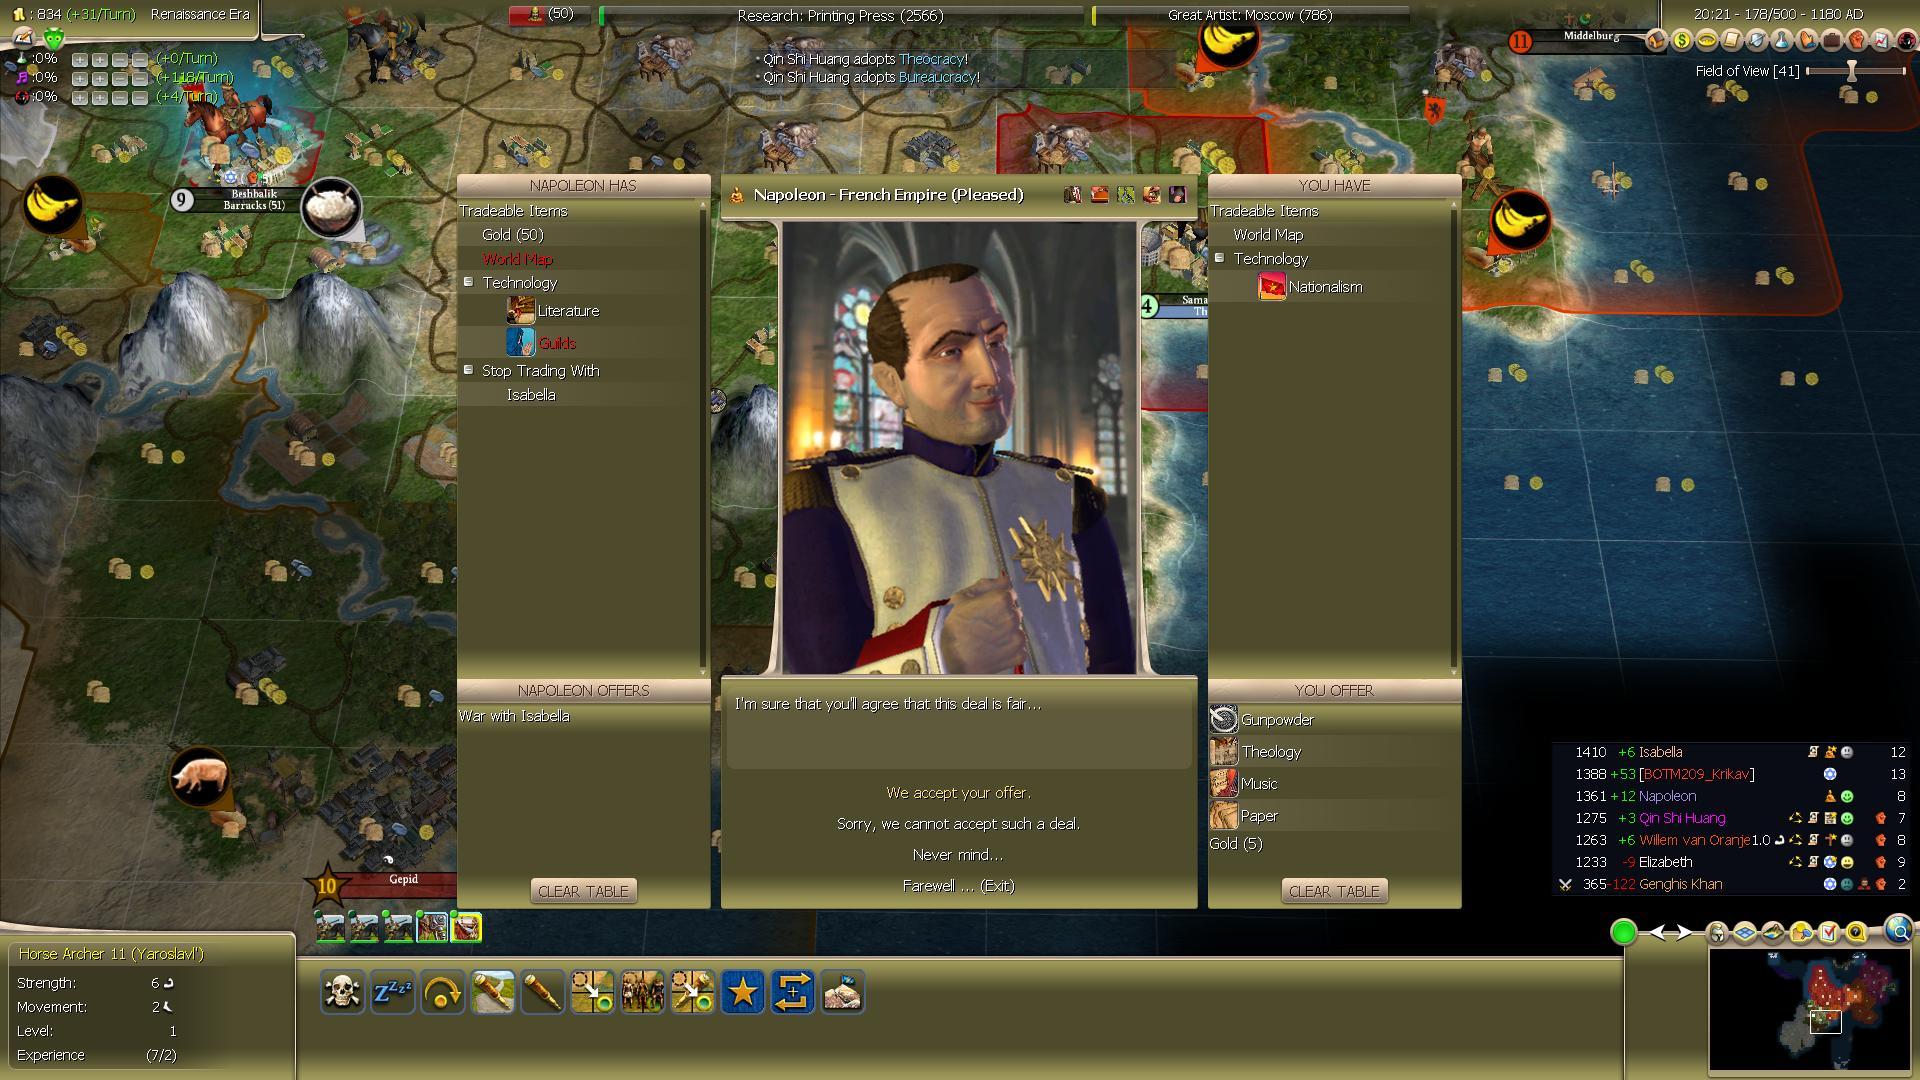 Civ4ScreenShot0068.JPG